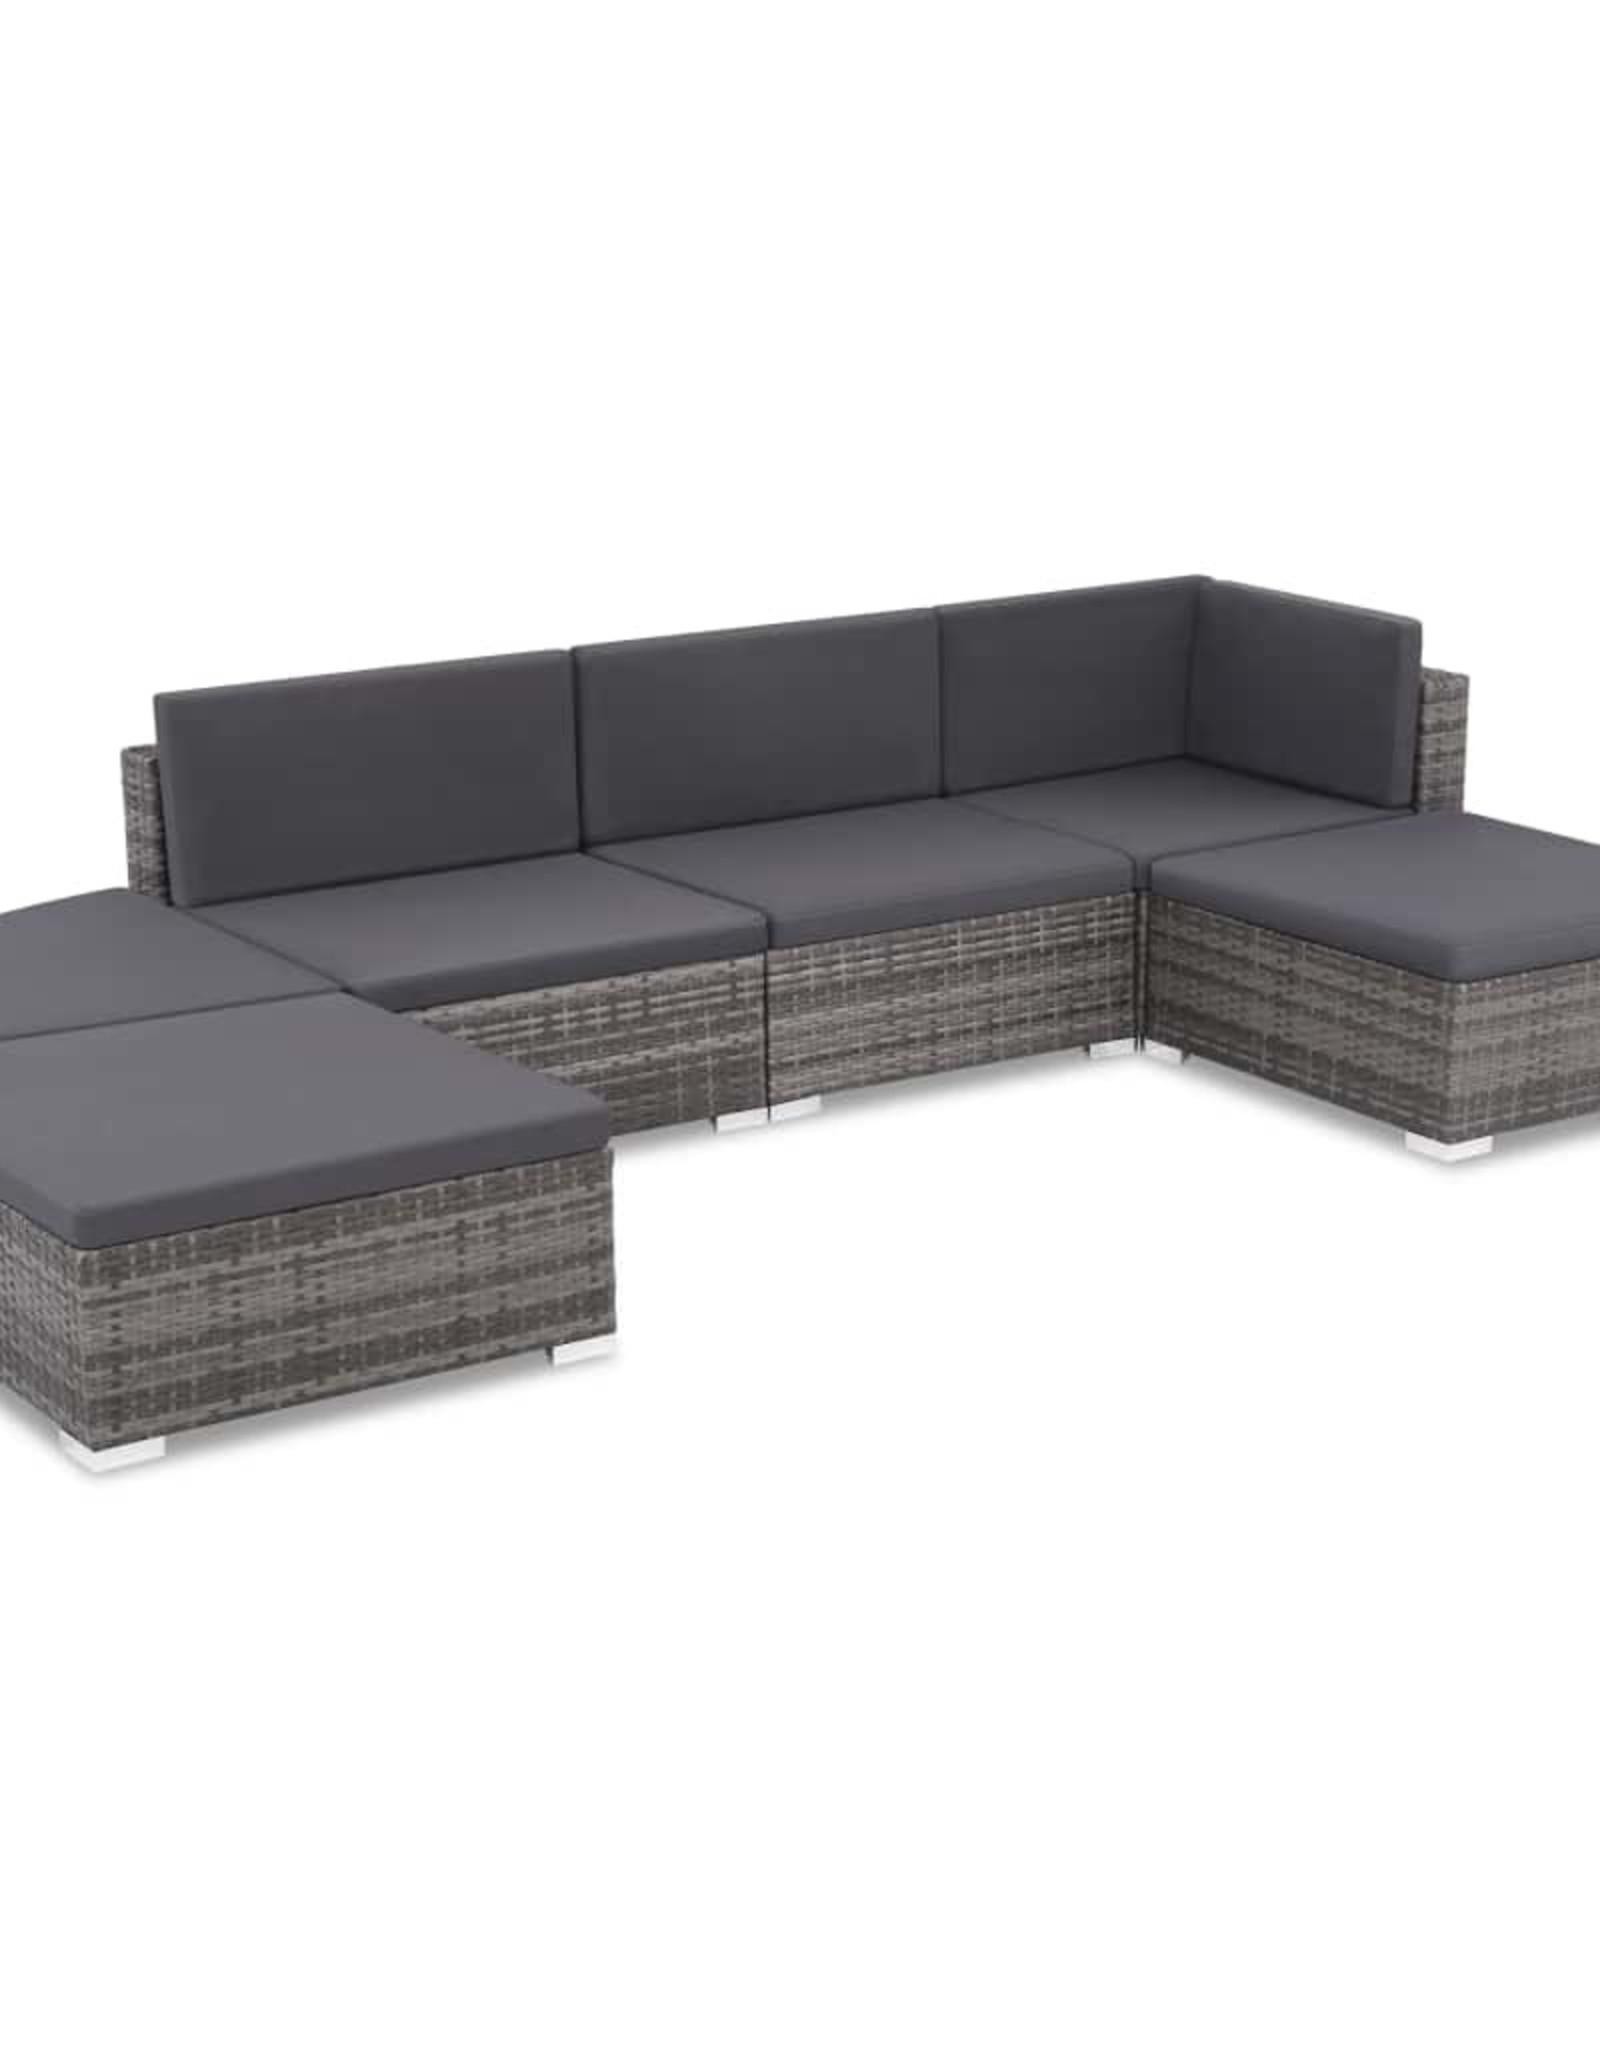 vidaXL 6-delige Loungeset met kussens poly rattan grijs